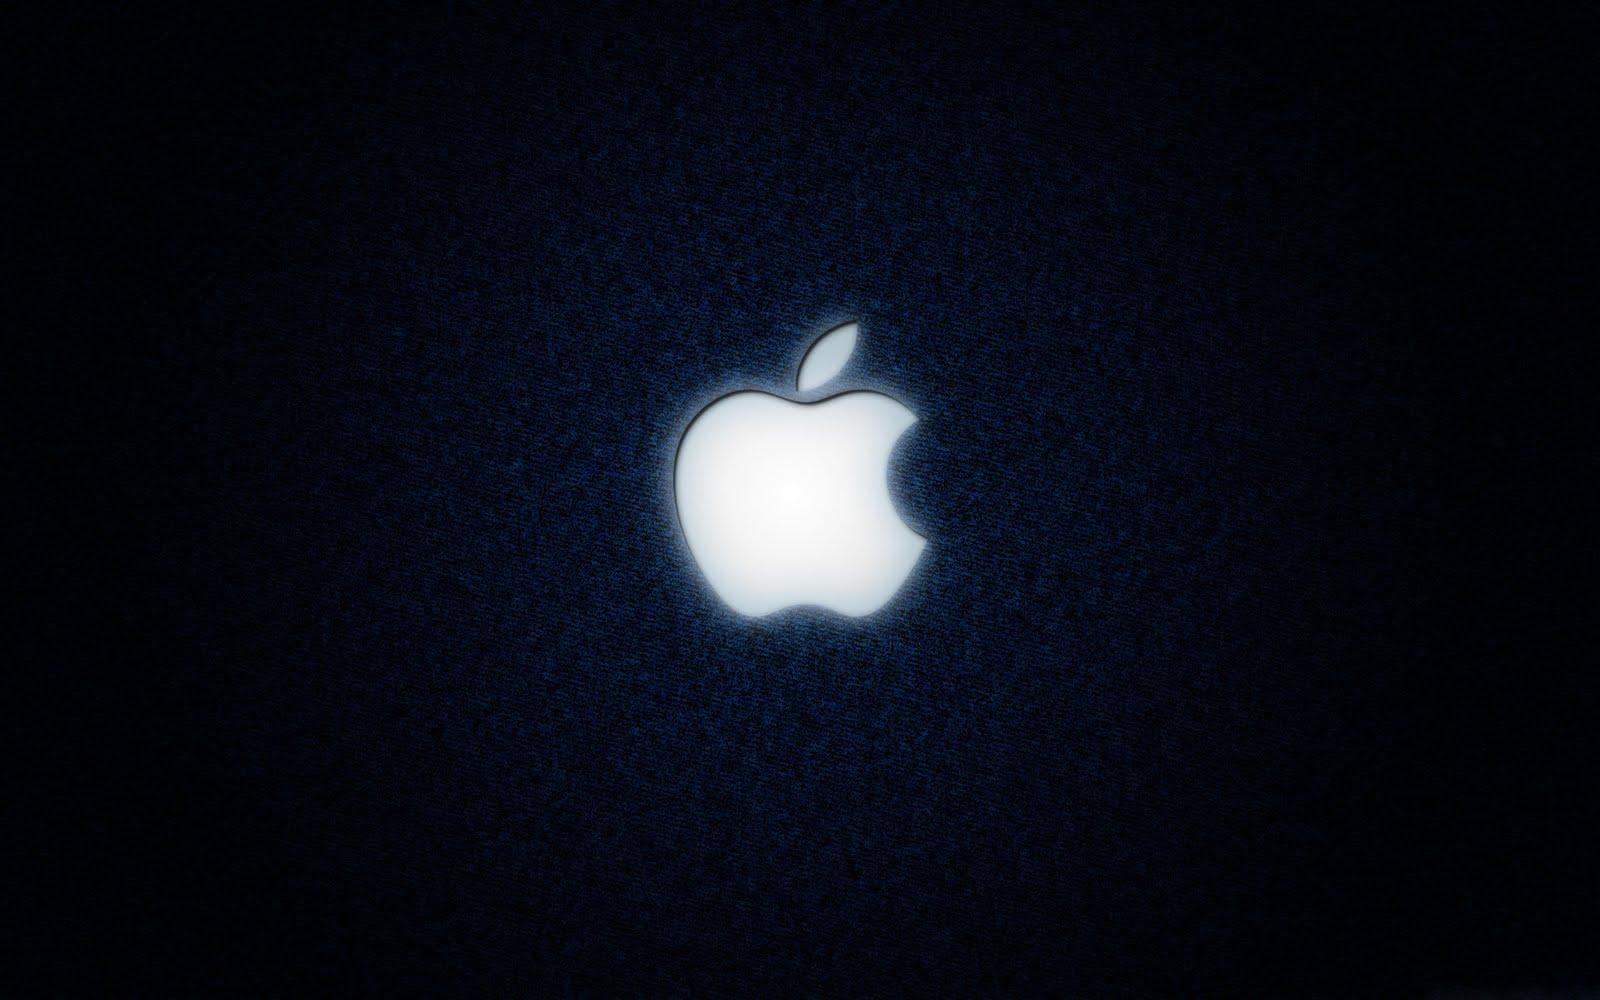 http://4.bp.blogspot.com/-lSETVAgU4t8/ThavcKUWJeI/AAAAAAAAAIM/H7iGjFQvYg4/s1600/computer-apple-049.jpg